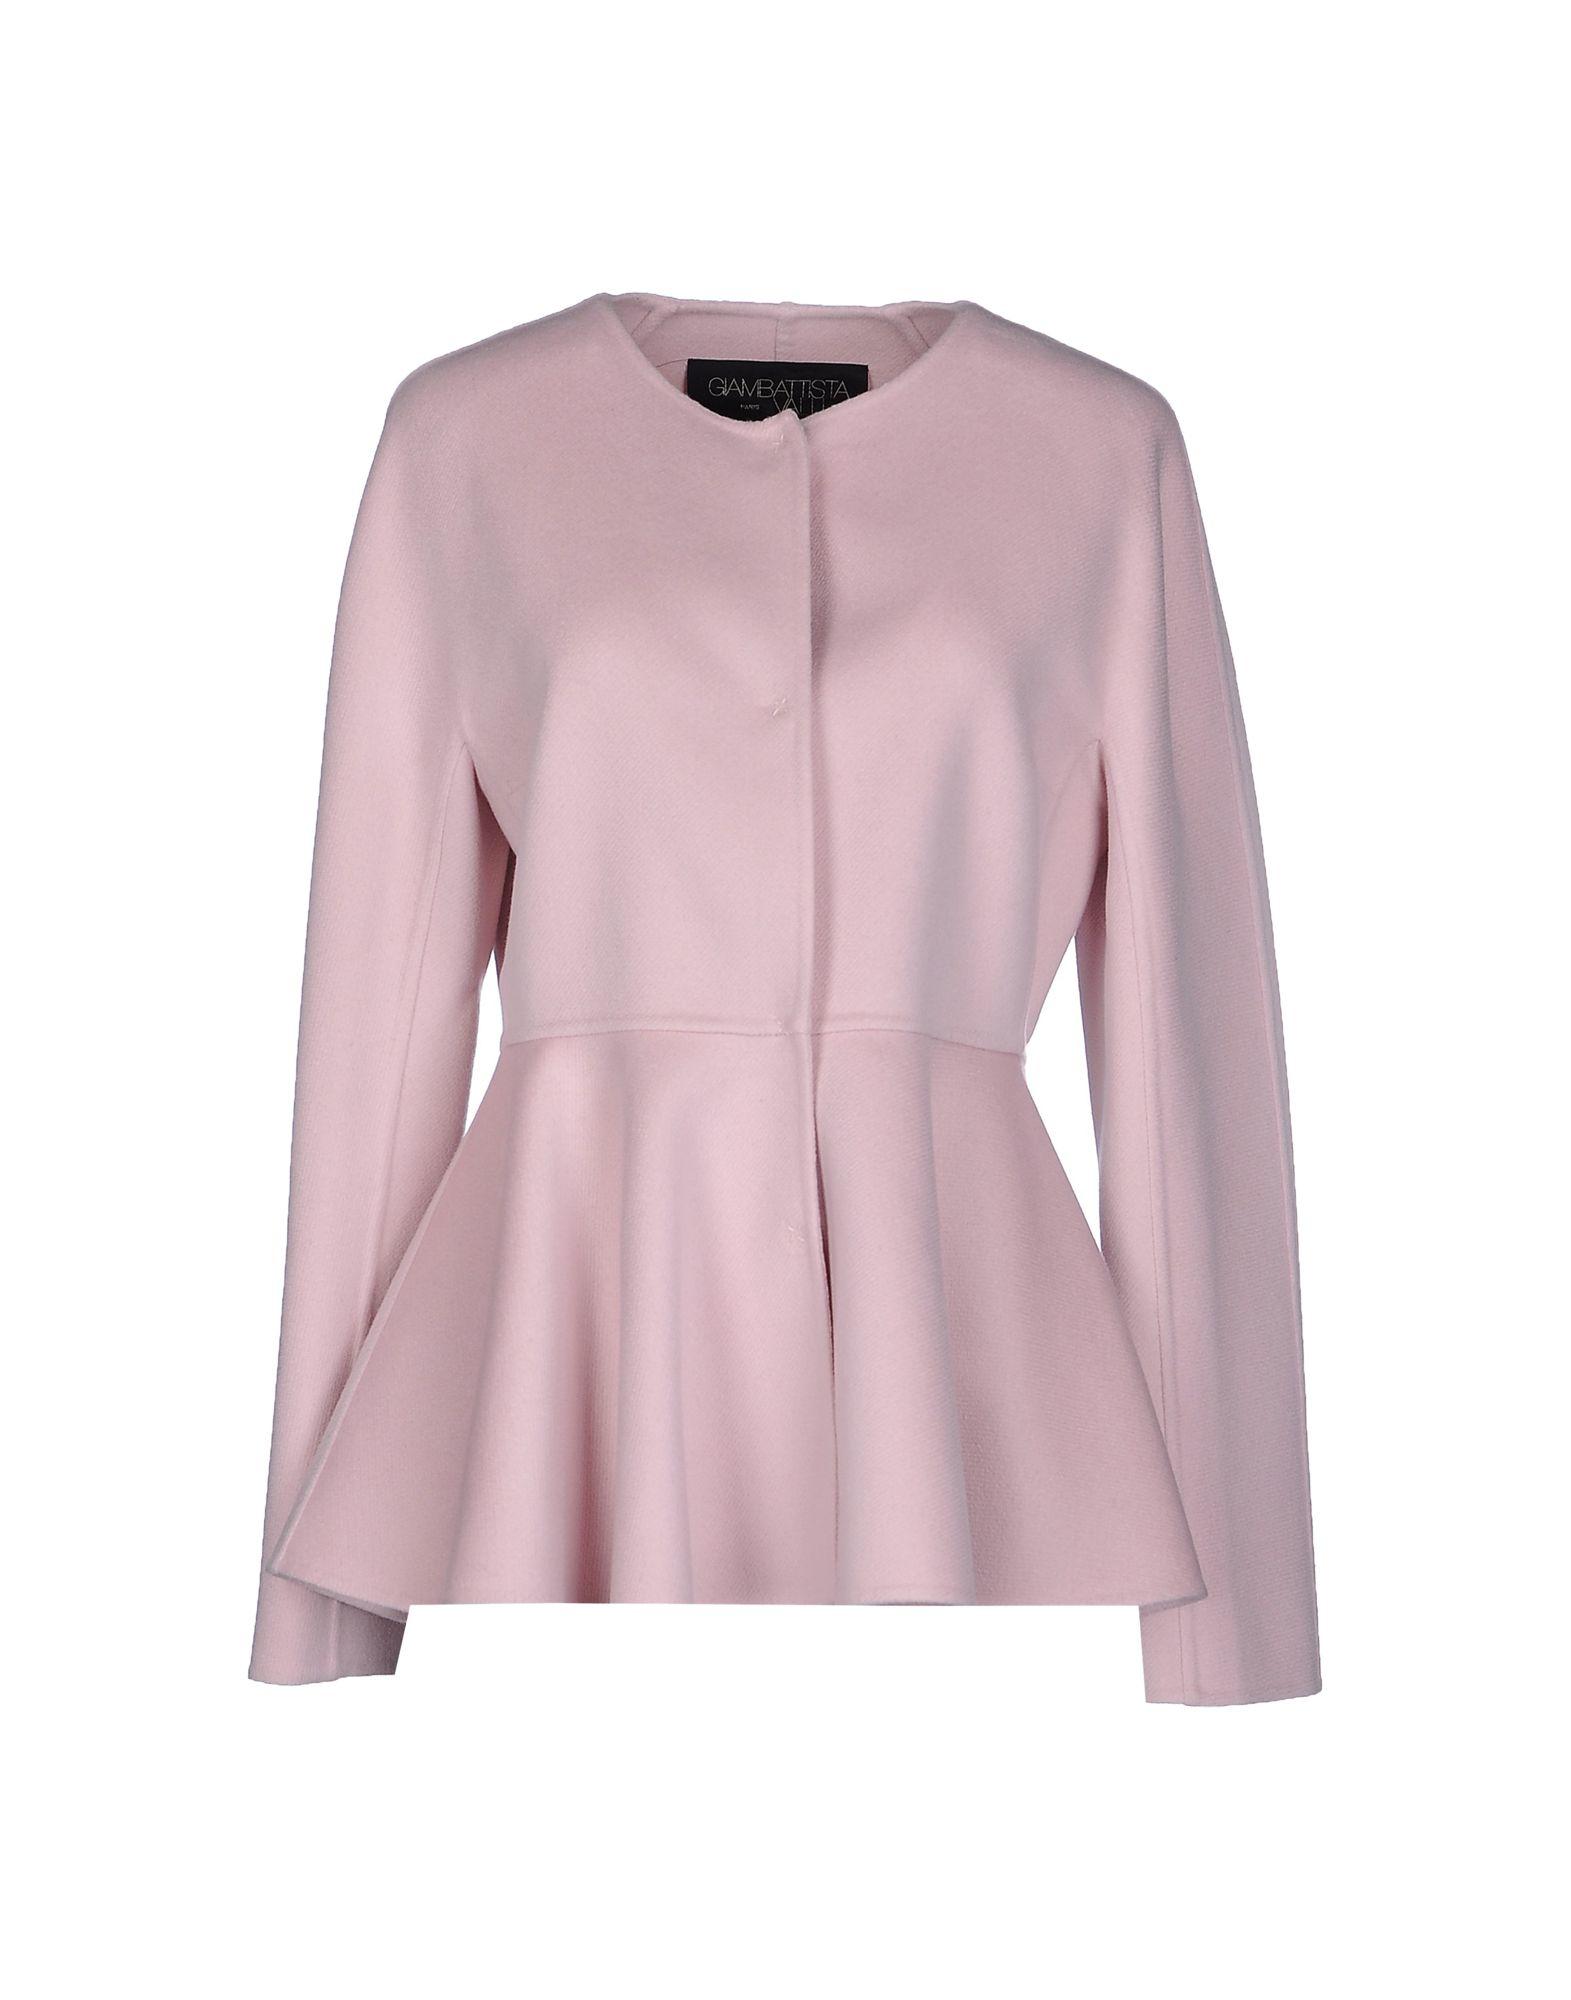 giambattista valli blazer in pink lyst. Black Bedroom Furniture Sets. Home Design Ideas